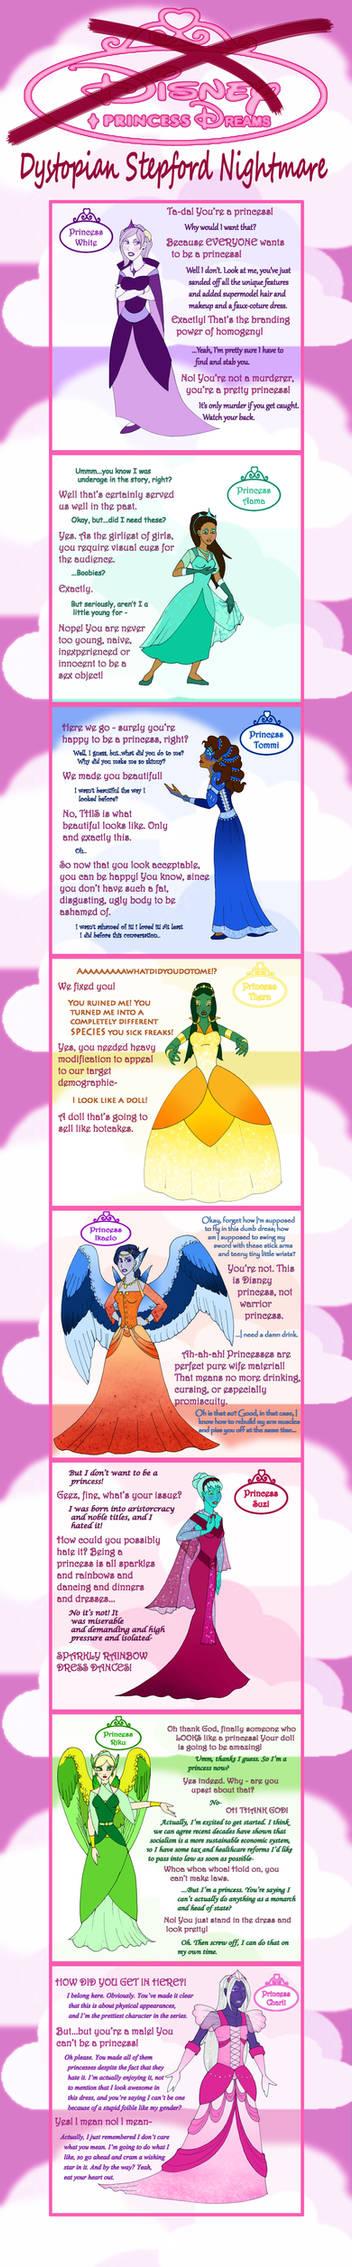 Disney Princess Nightmares